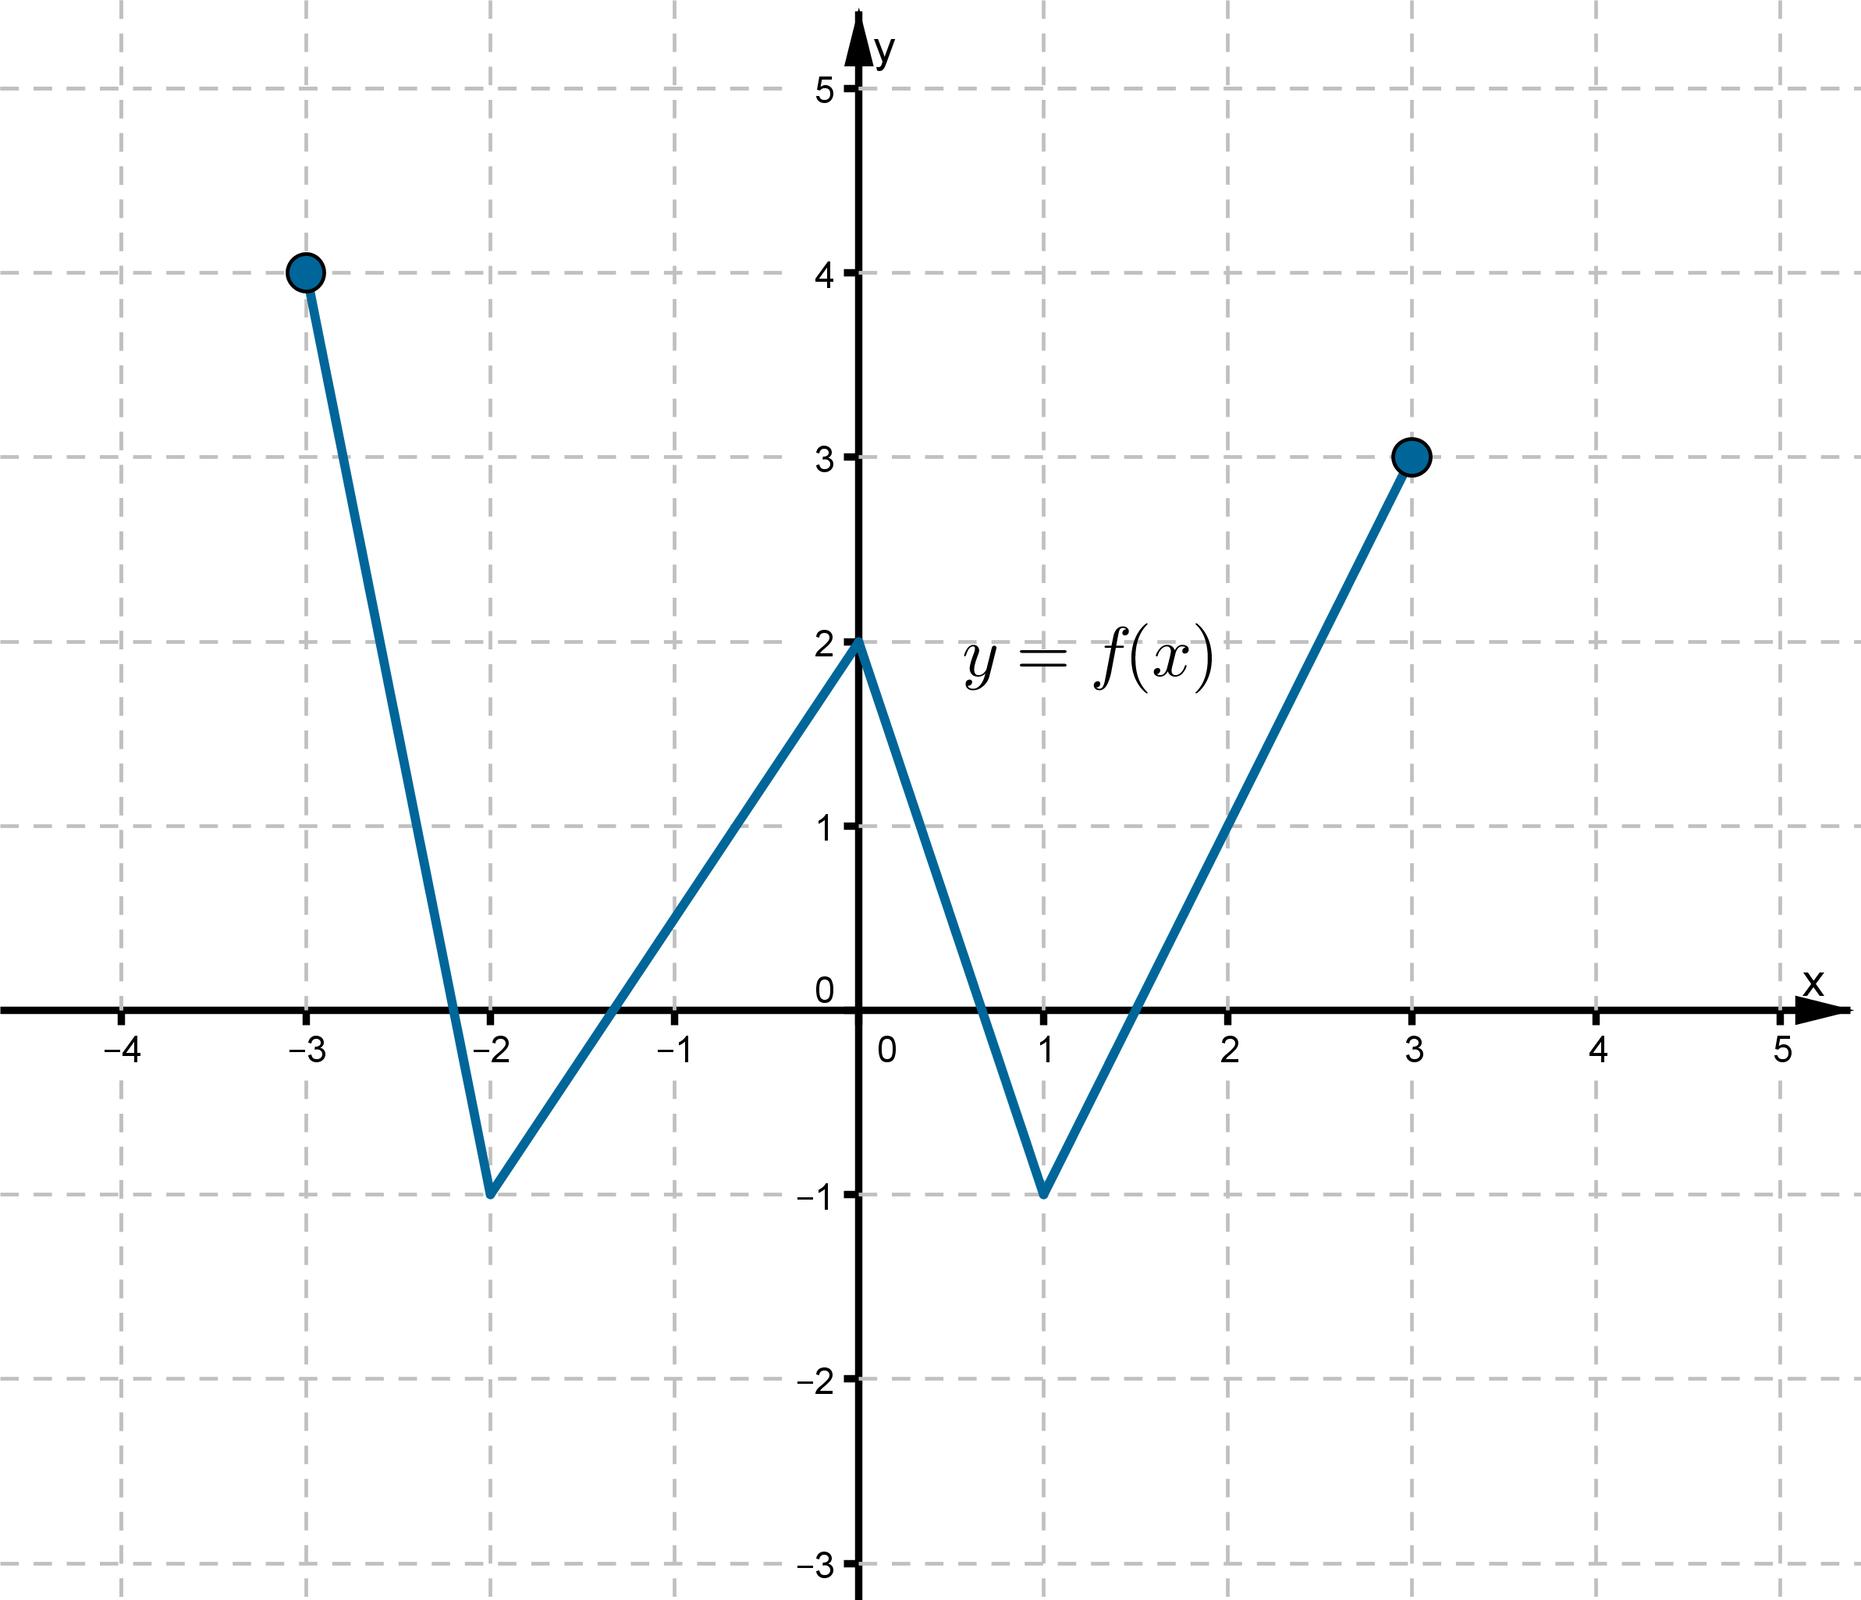 Wykres funkcji fwpostaci łamanej złożonej zczterech odcinków leżącej wpierwszej, drugiej, trzeciej iczwartej ćwiartce układu współrzędnych. Funkcja ma cztery miejsca zerowe. Do wykresu funkcji należą punkty owspółrzędnych (-3, 4), (0, 2), (3, 3). Najmniejszą wartość funkcja przyjmuje wpunktach owspółrzędnych (-2, -1), (1, -1).